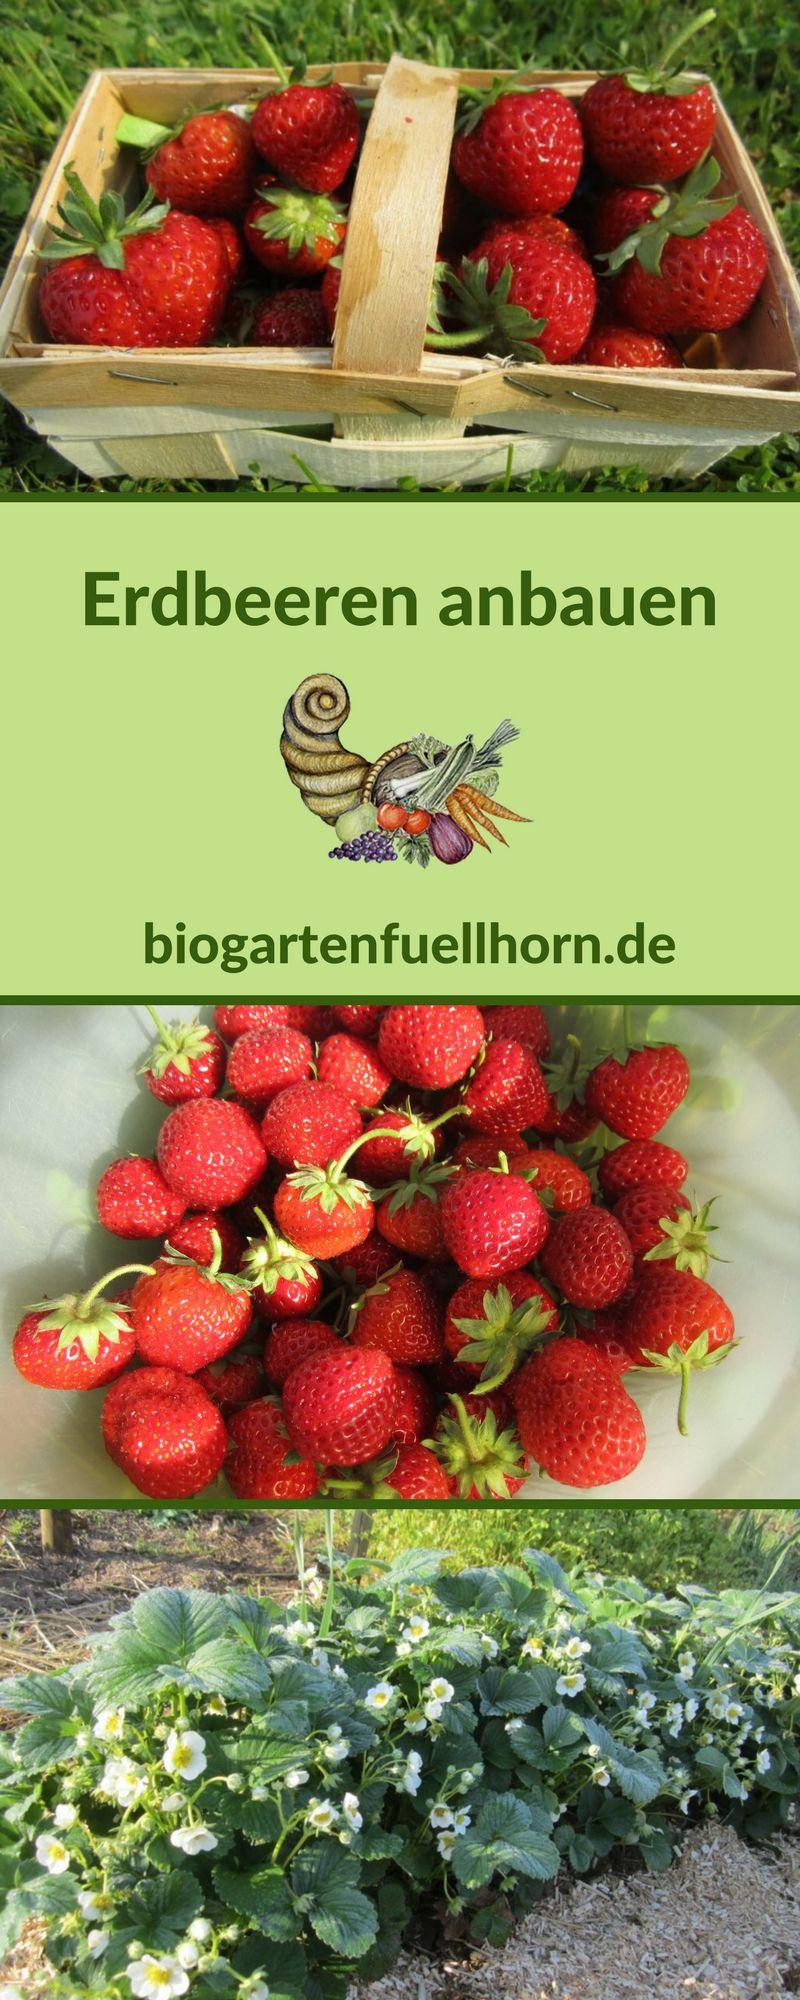 Der Anbau Von Erdbeeren Erdbeeren Anbauen Erdbeeren Garten Erdbeeren